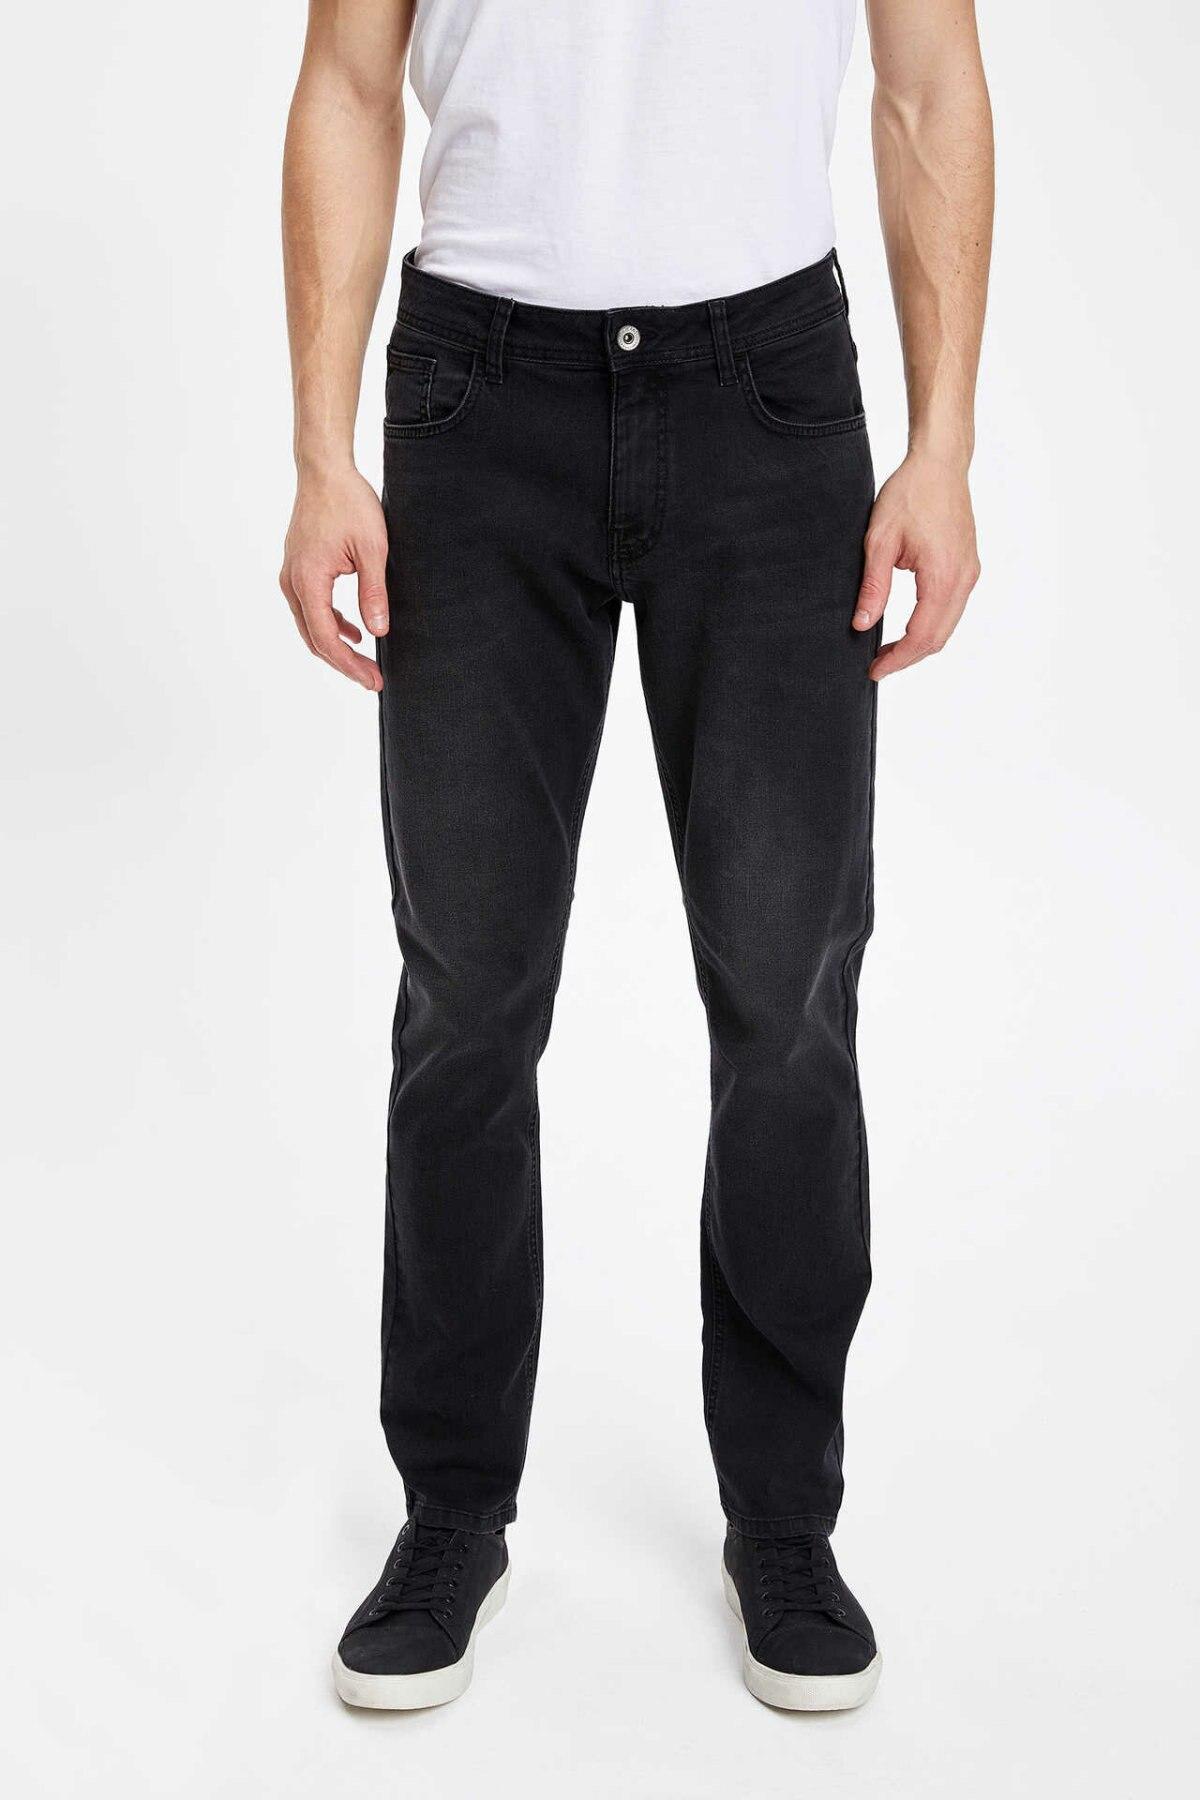 DeFacto Classic Men Black Denim Jeans Loose Mid-waist Denim Long Pants Casual Washed Jeans Trousers-K4122AZ19SP